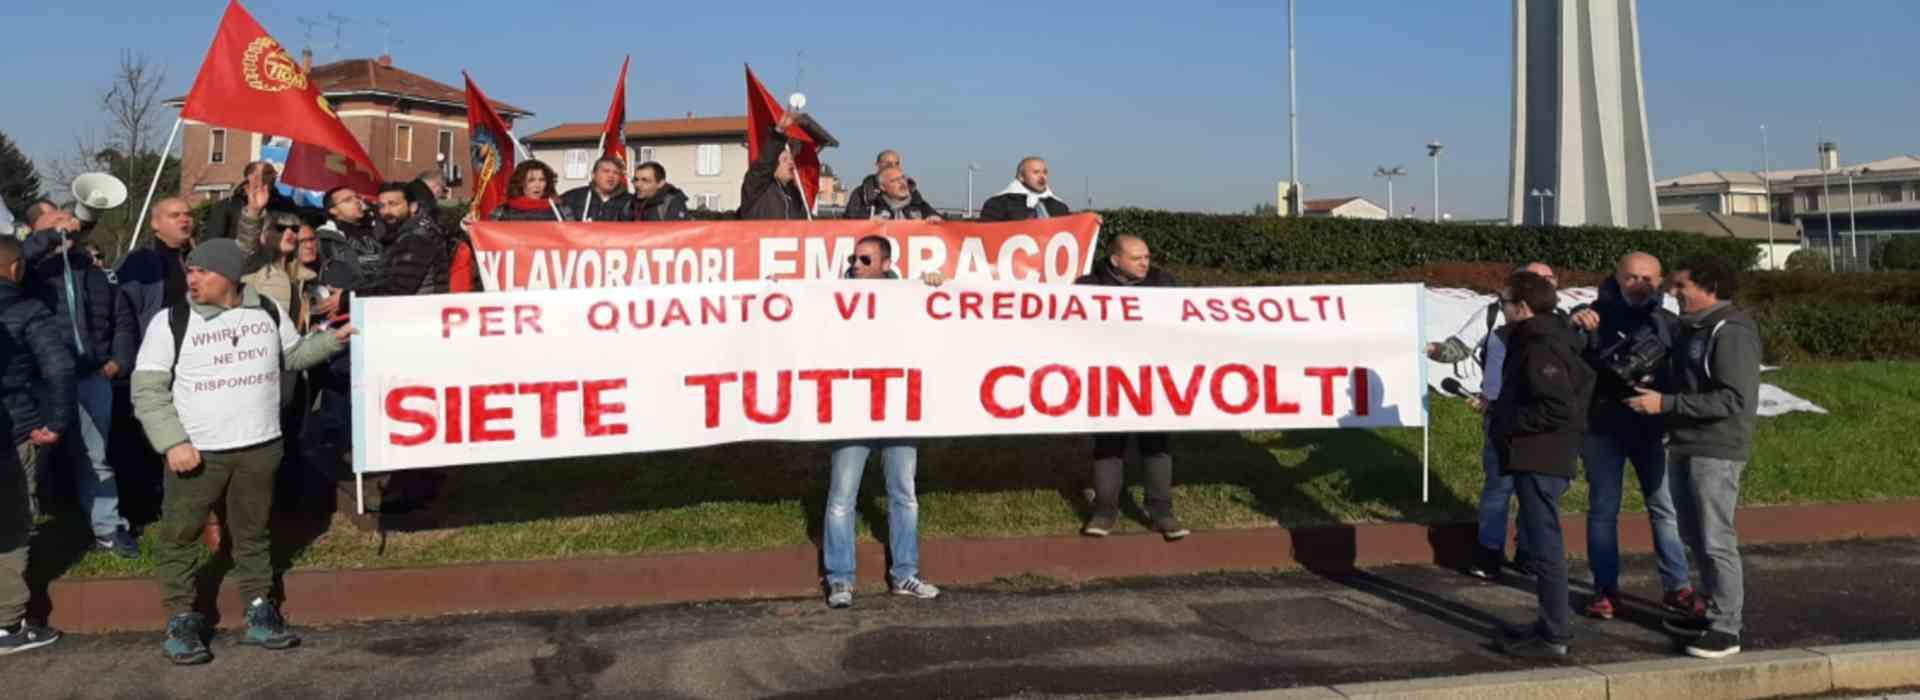 Lavoratori della Whirlpool in sciopero davanti all'azienda